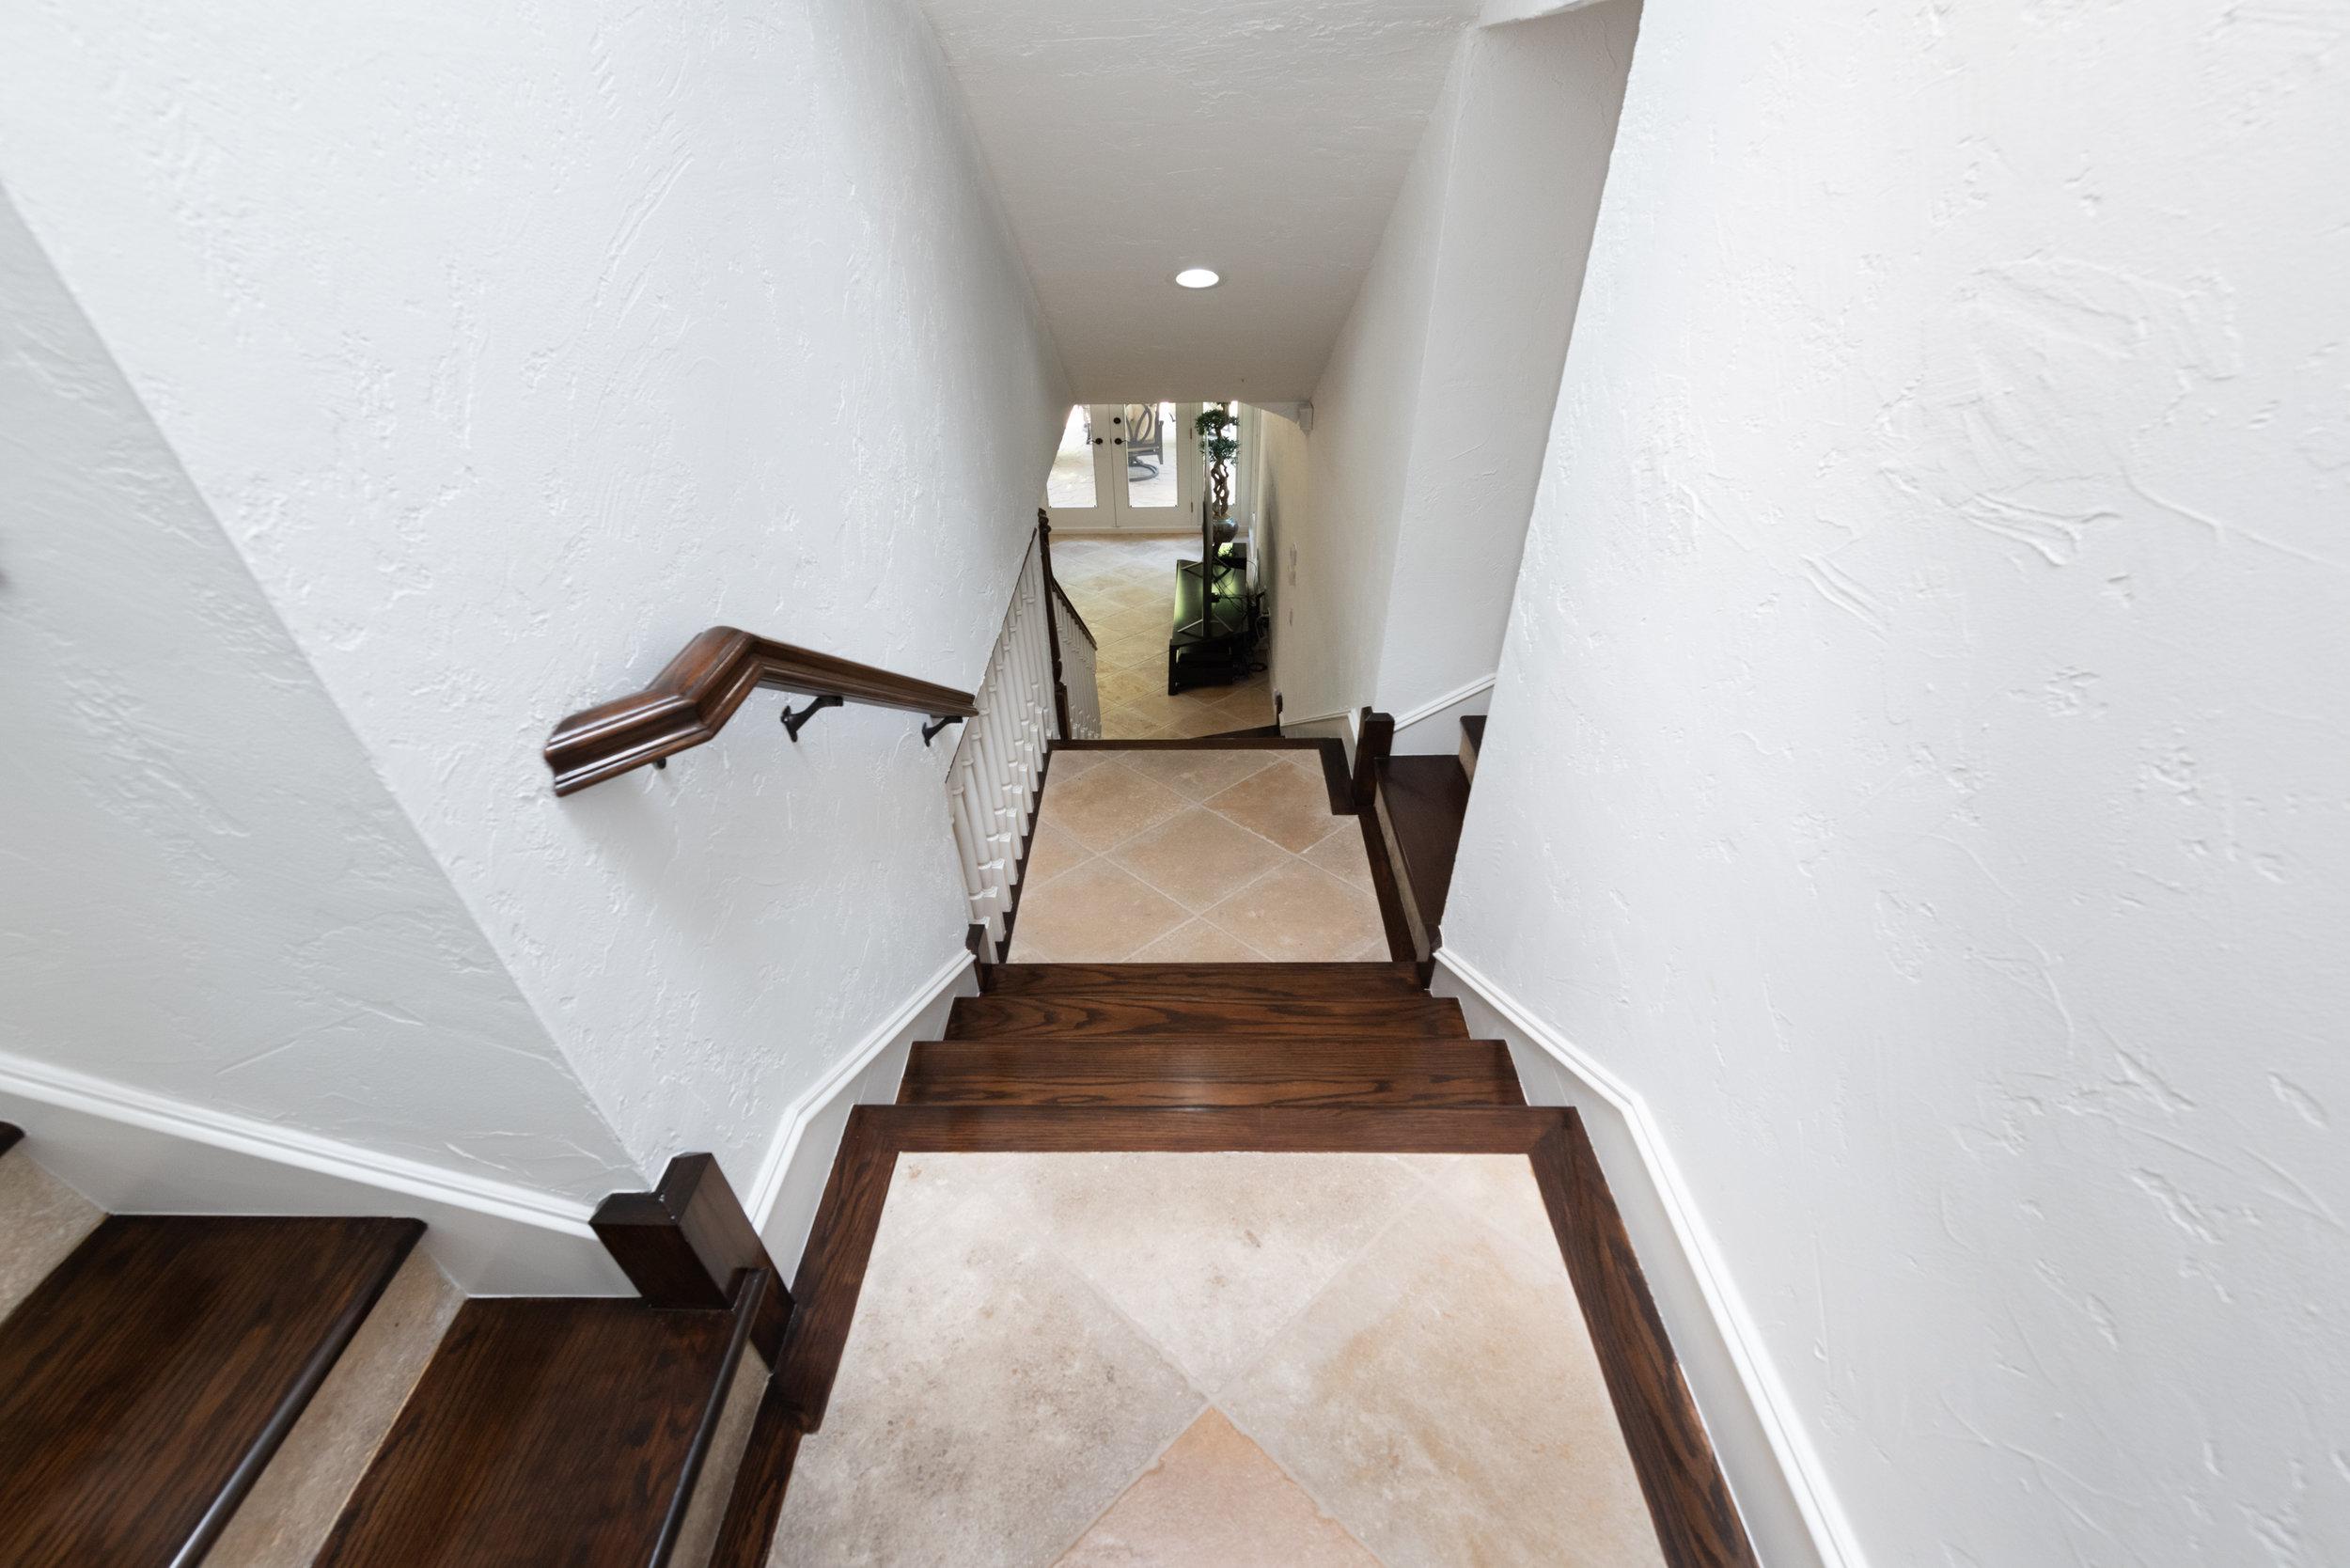 34 Stairway.jpg